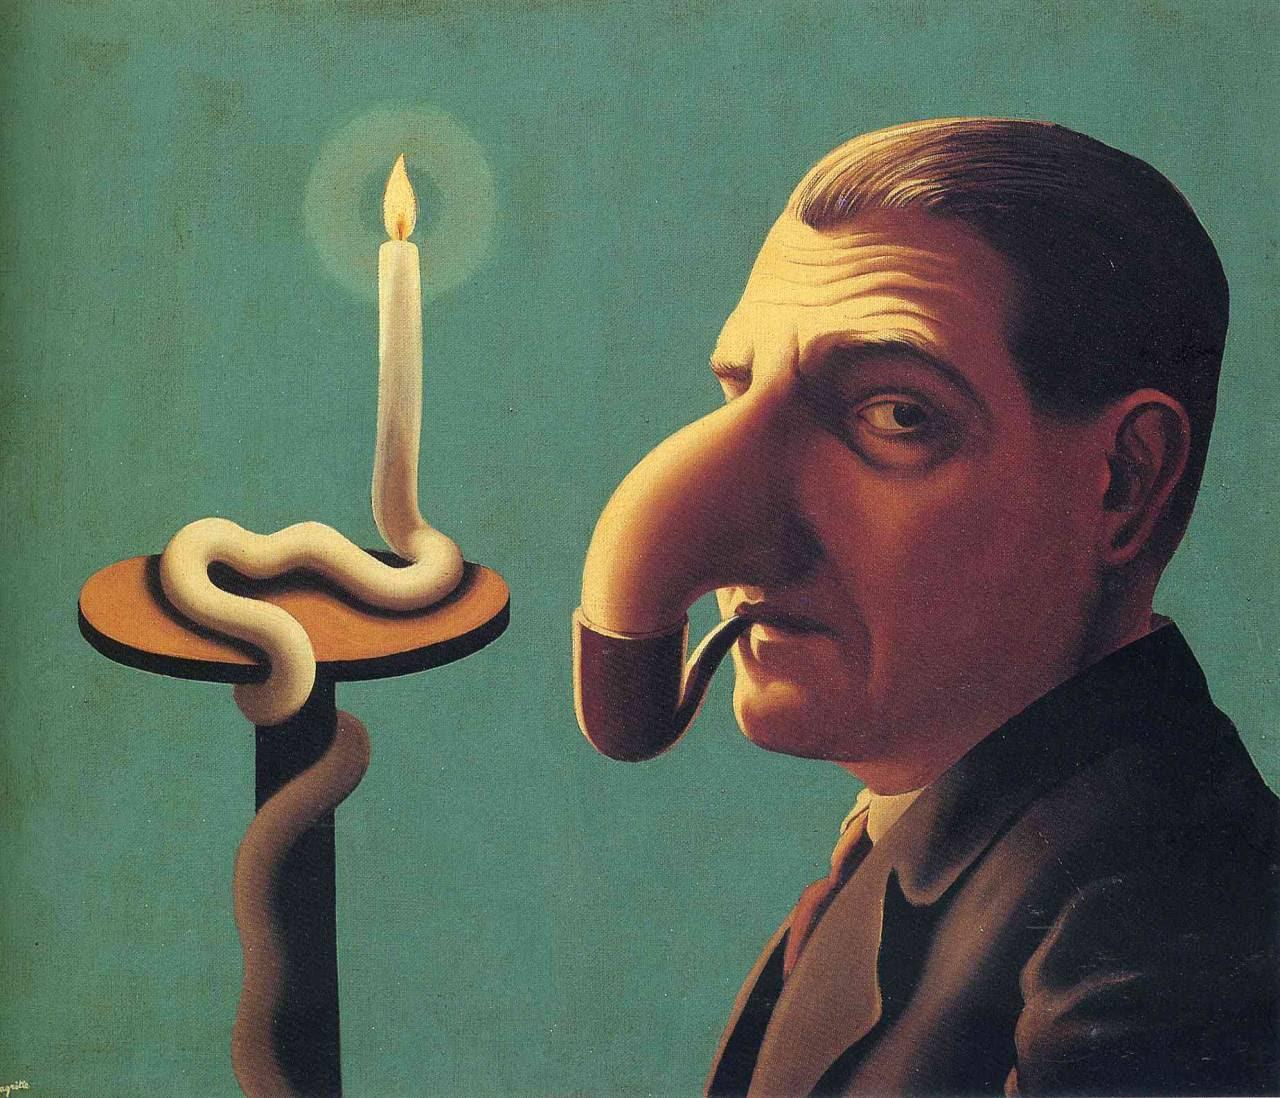 Philosopher's lamp,1936 Rene Magritte